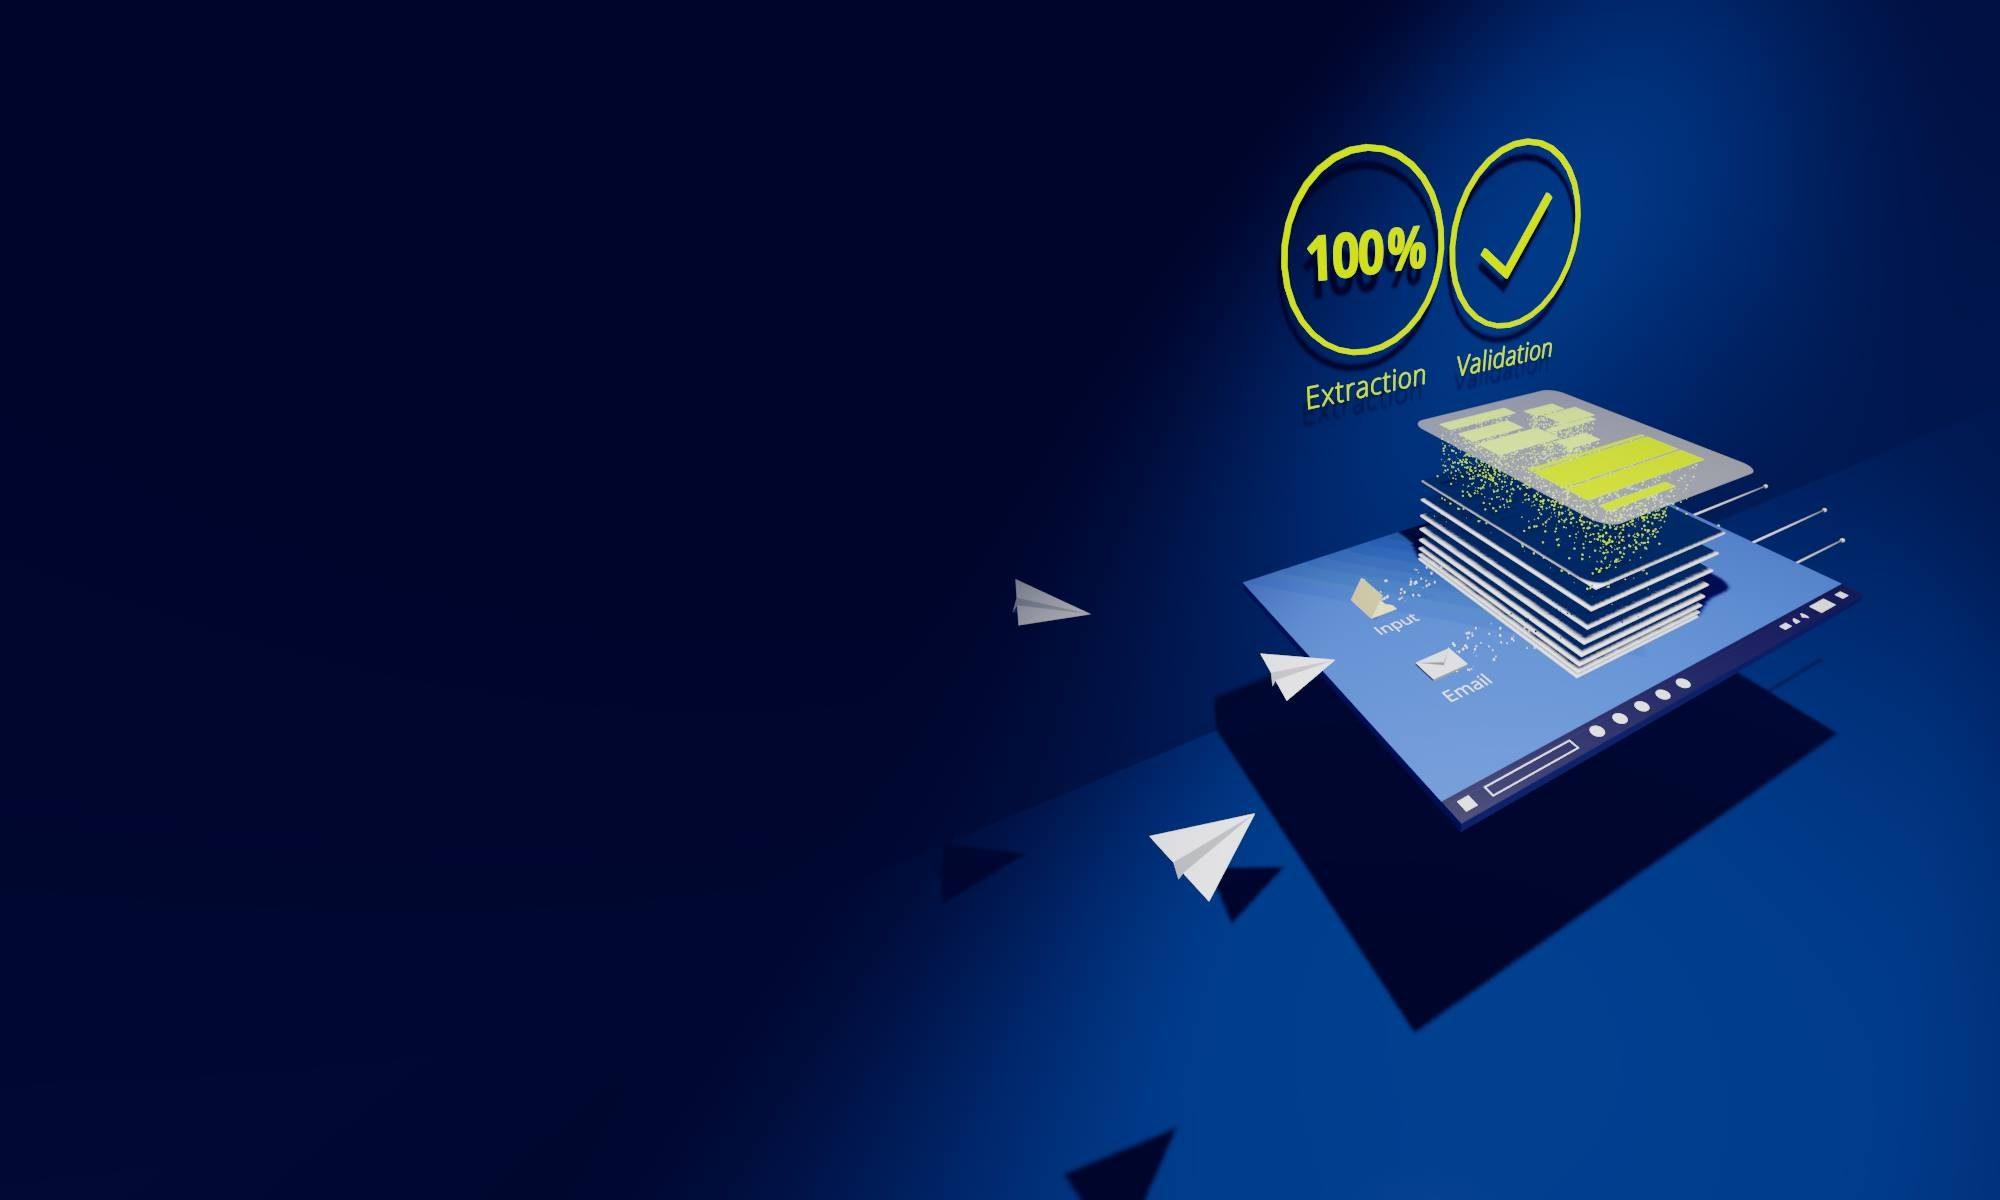 Blitzschnell, vollautomatisch und 100% fehlerlos: Dokumentverarbeitung mit dem PDF-Mapper